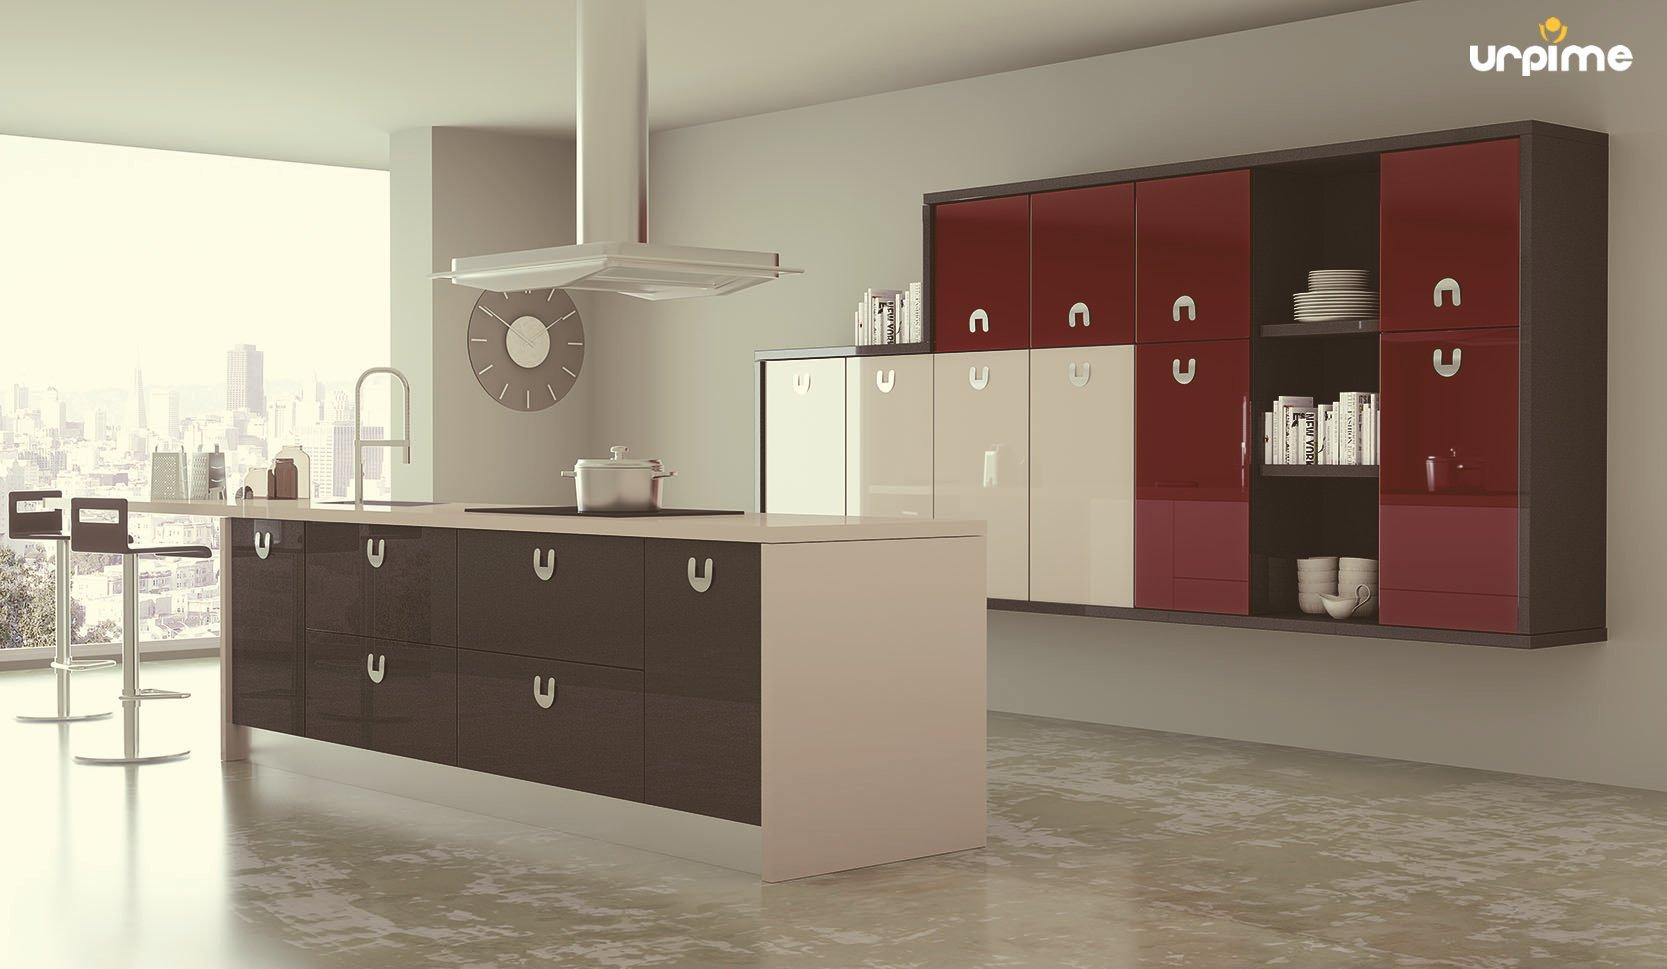 Ideas para amueblar la cocina urpime - Amueblar la cocina ...